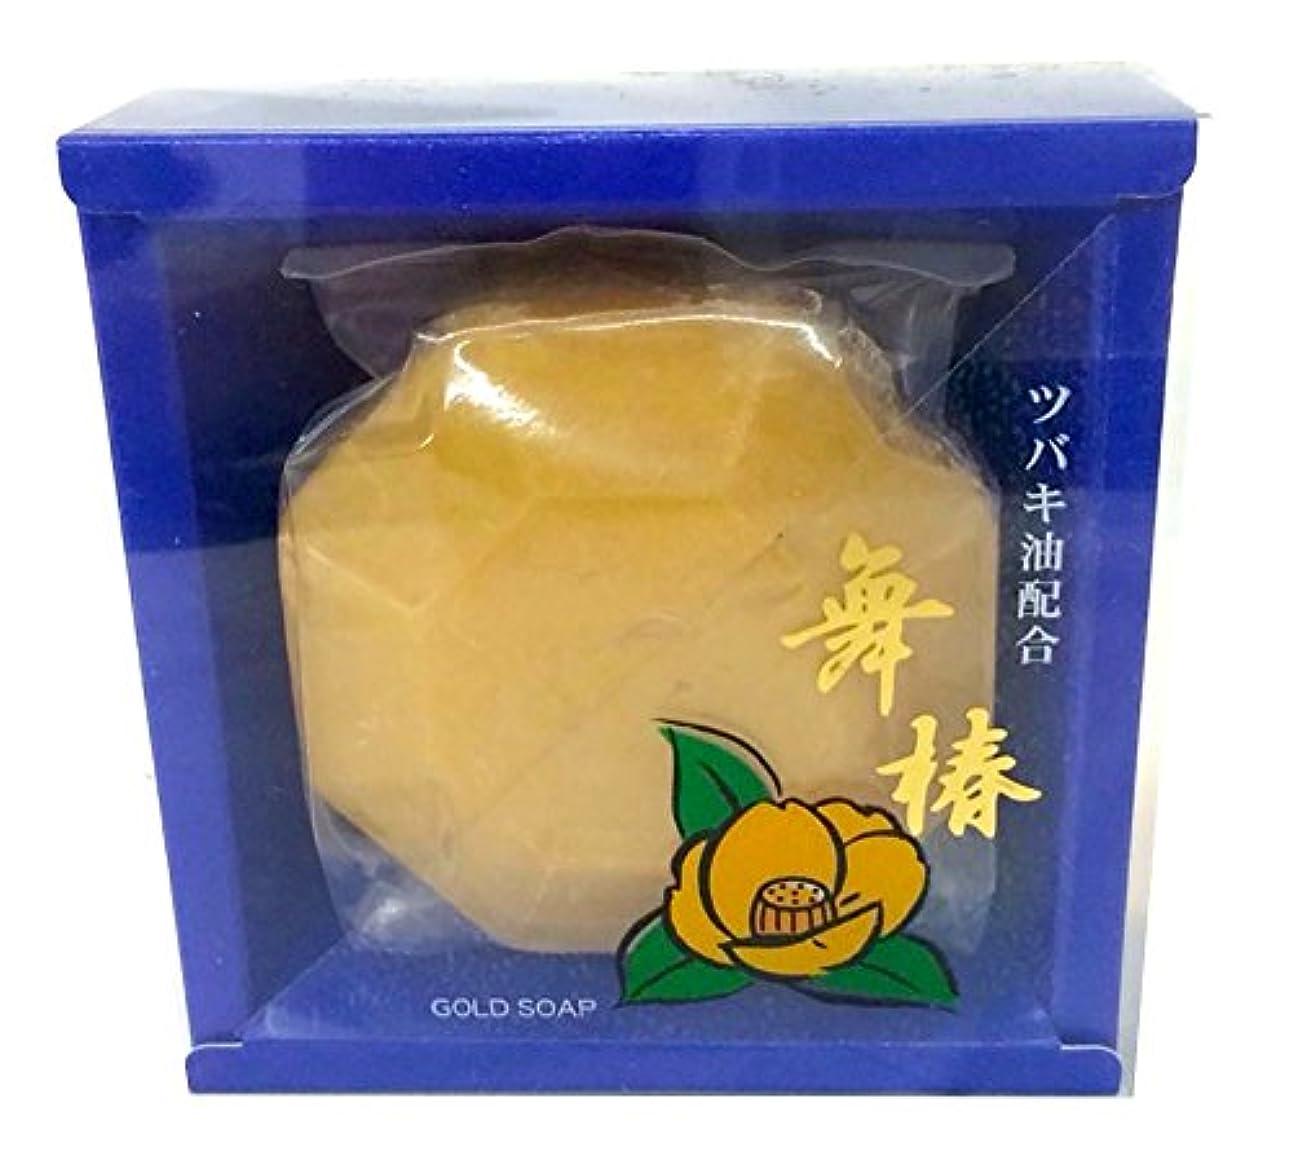 困難公桁舞椿ゴールドソープ (ツバキオイル配合)110g